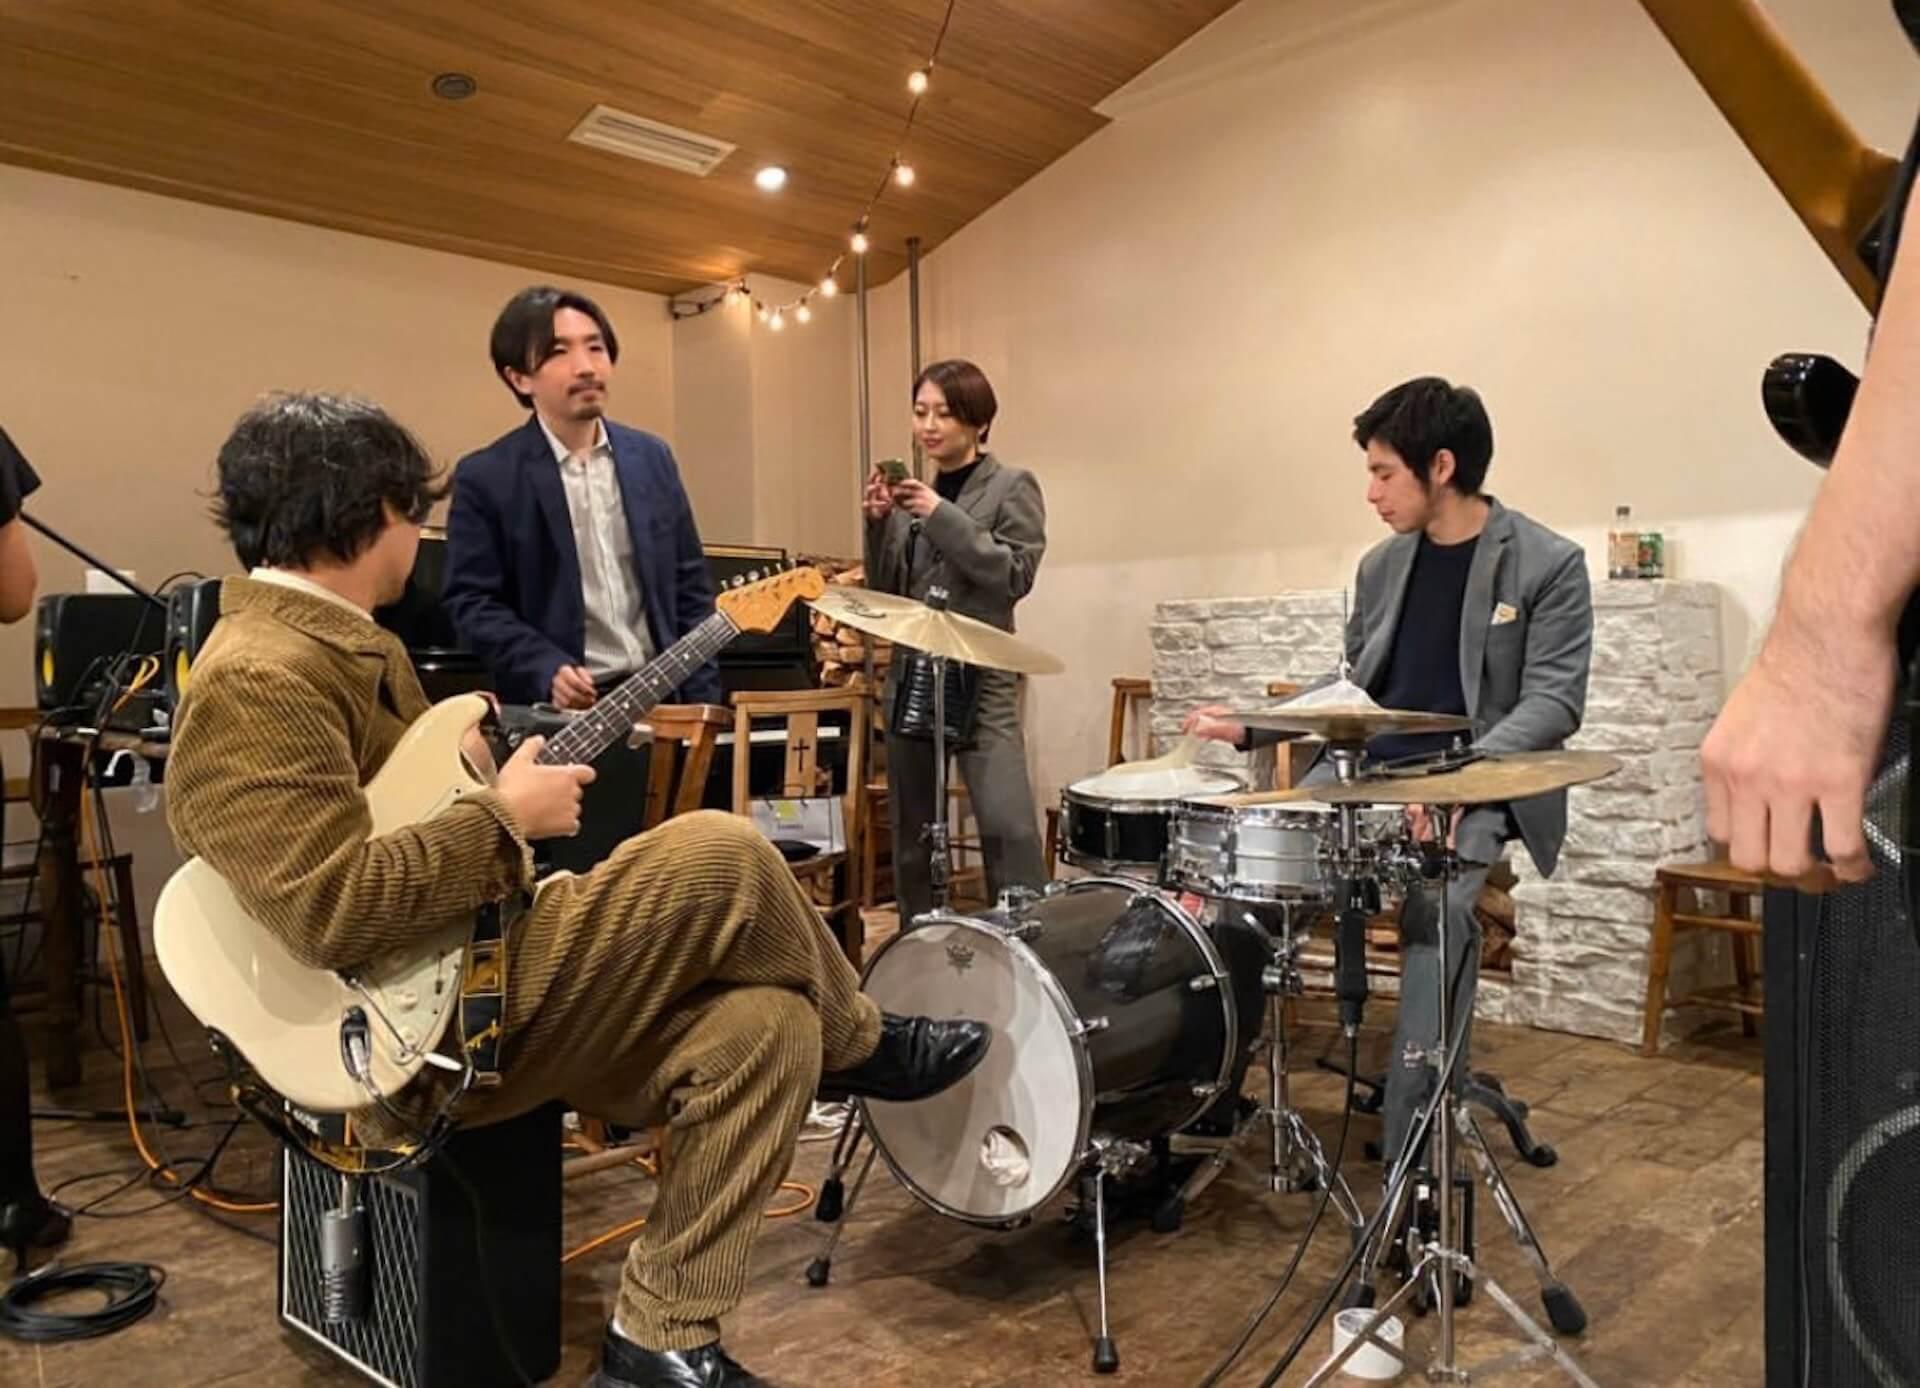 Pistachio Studio、ryo takahashi|Looking Back 2019 ~今年のベストショットは? lookingback2019-pistachiostudio-1